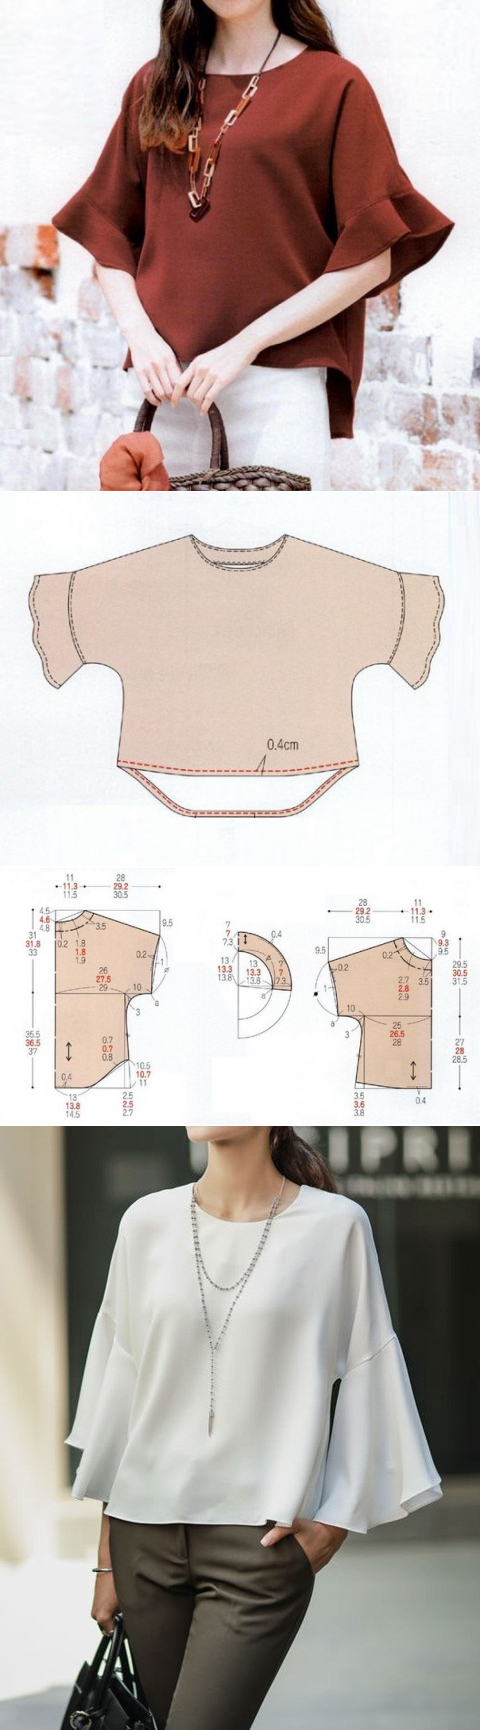 Шитье простые выкройки | costura | Pinterest | Costura, Costurar ...